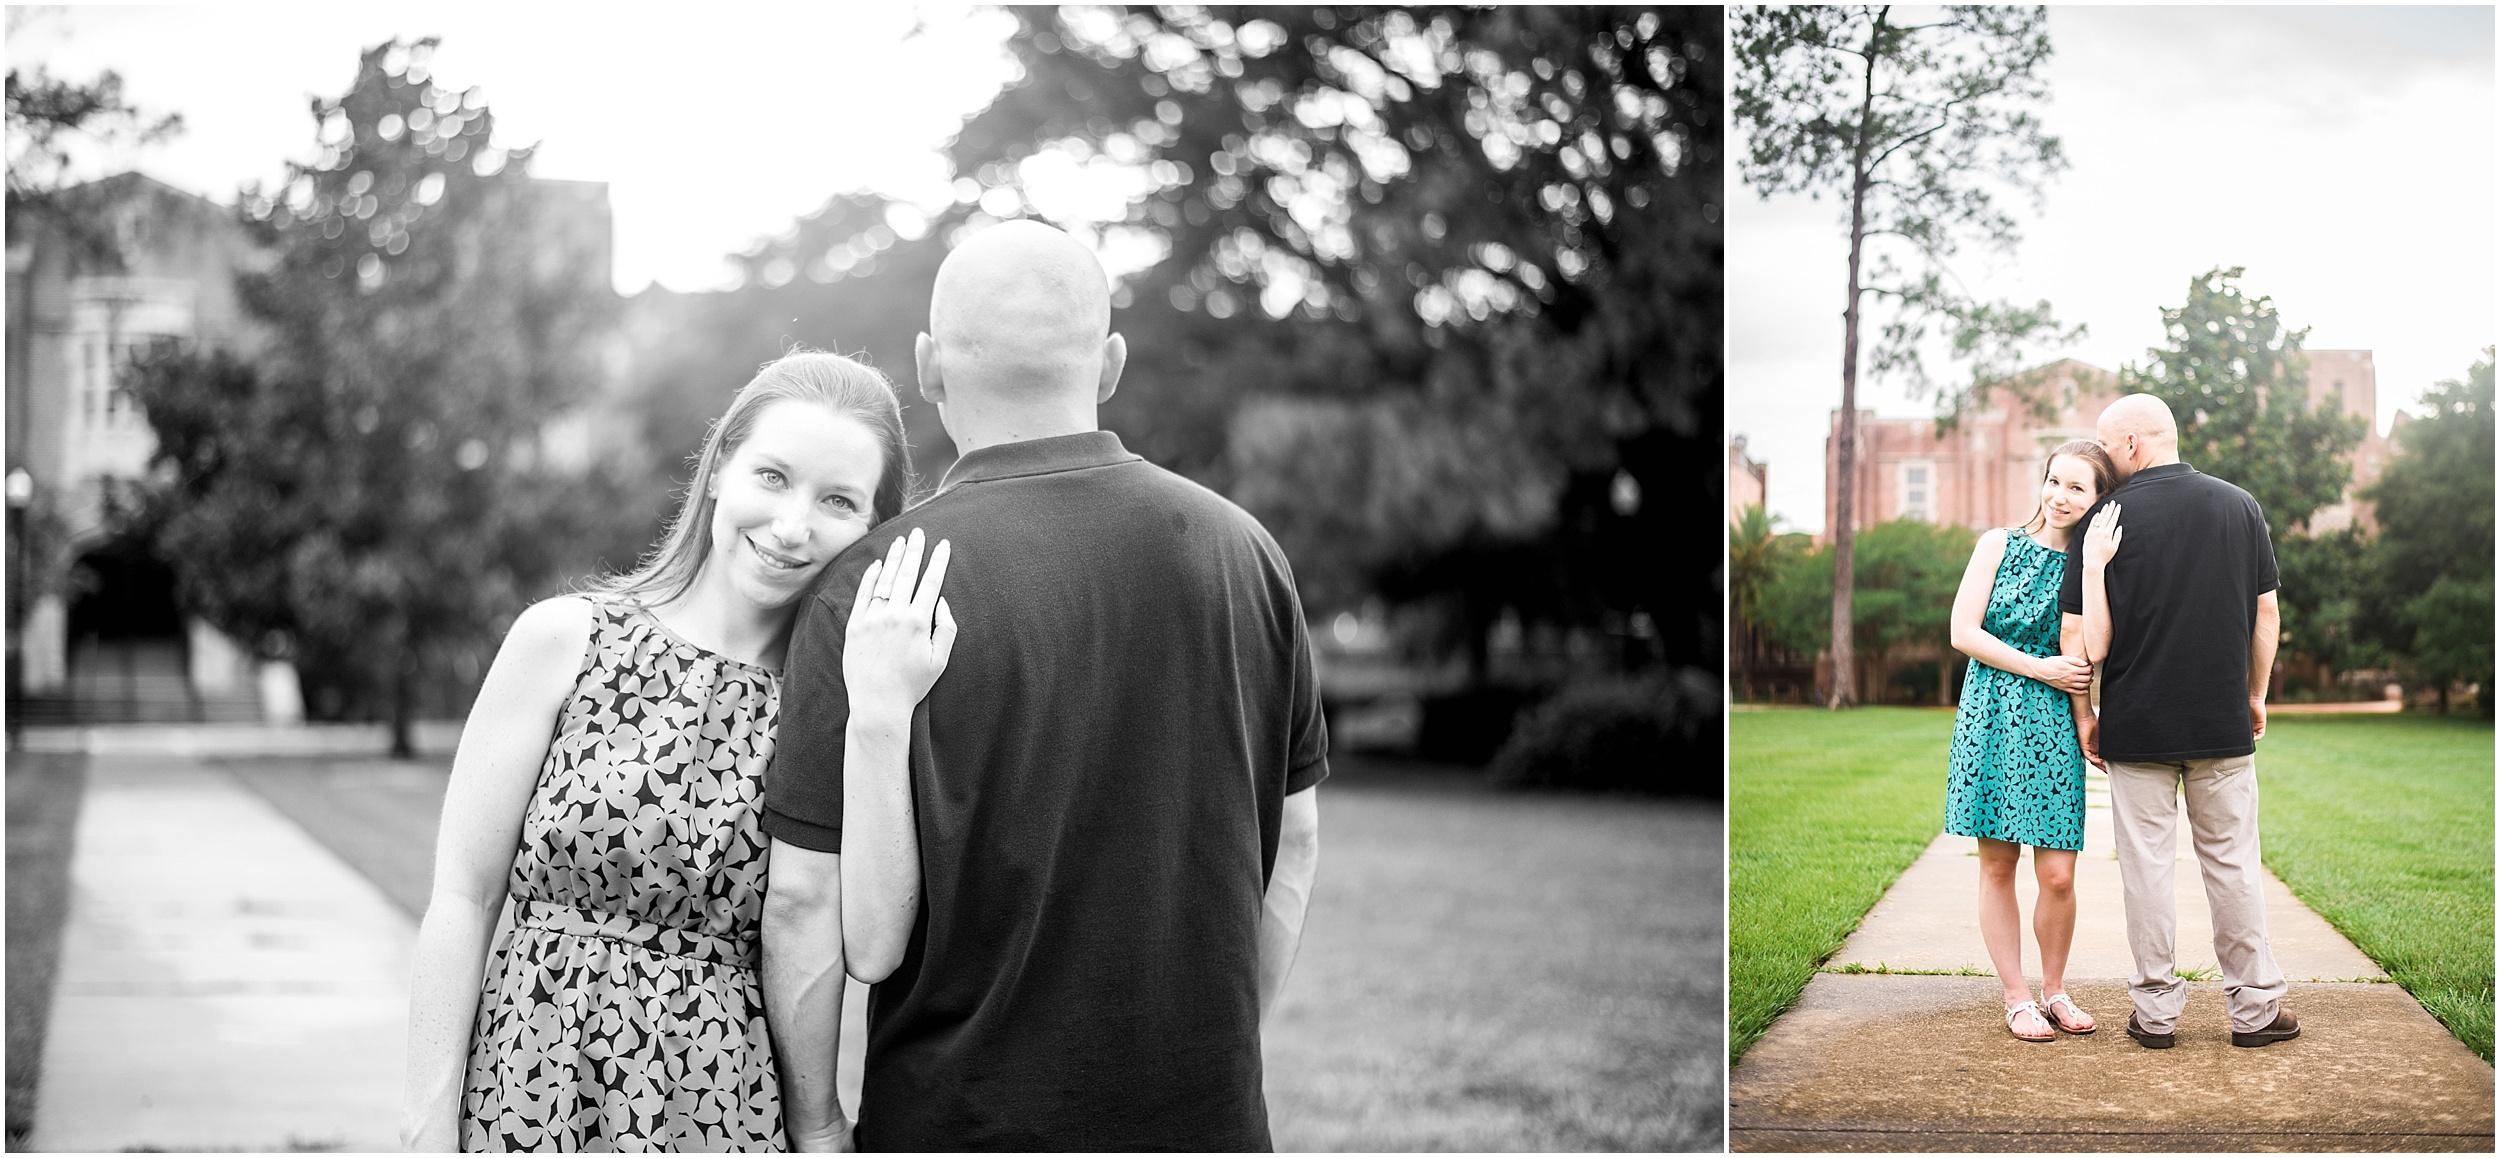 Karen & David Engagement, Florida State University_0014.jpg